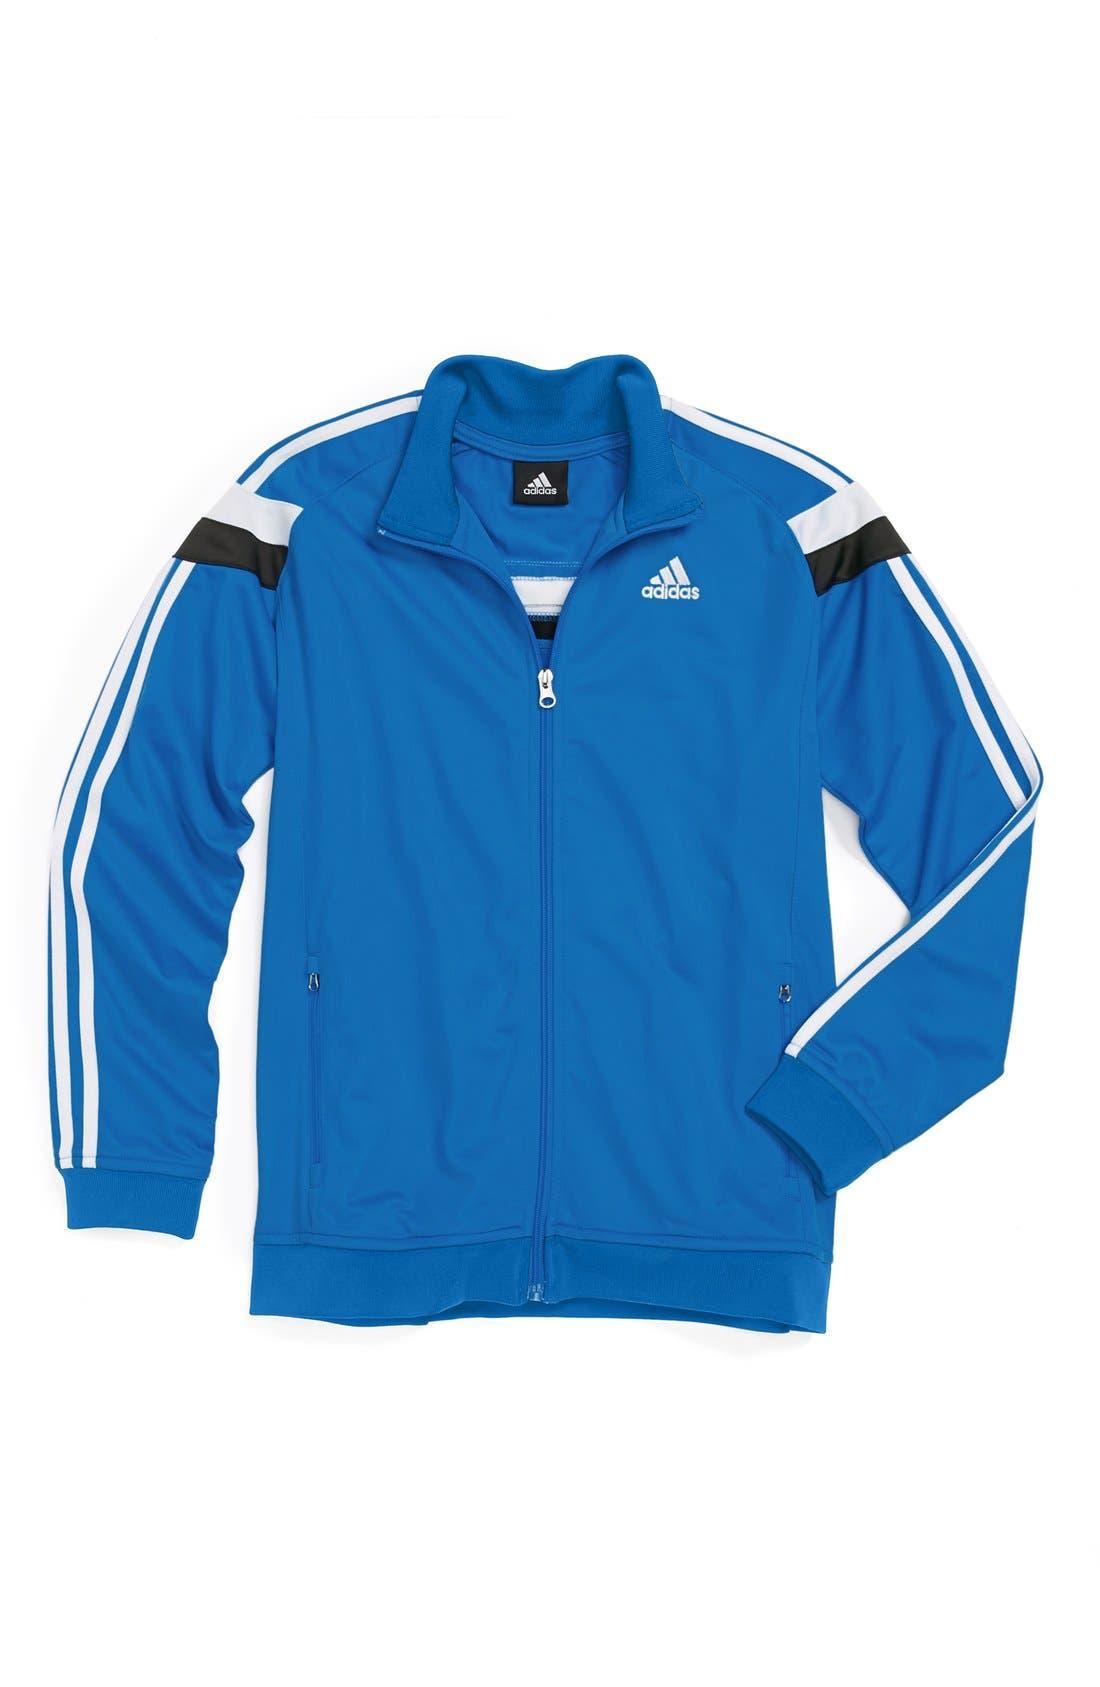 Main Image - adidas 'Anthem' Jacket (Big Boys)